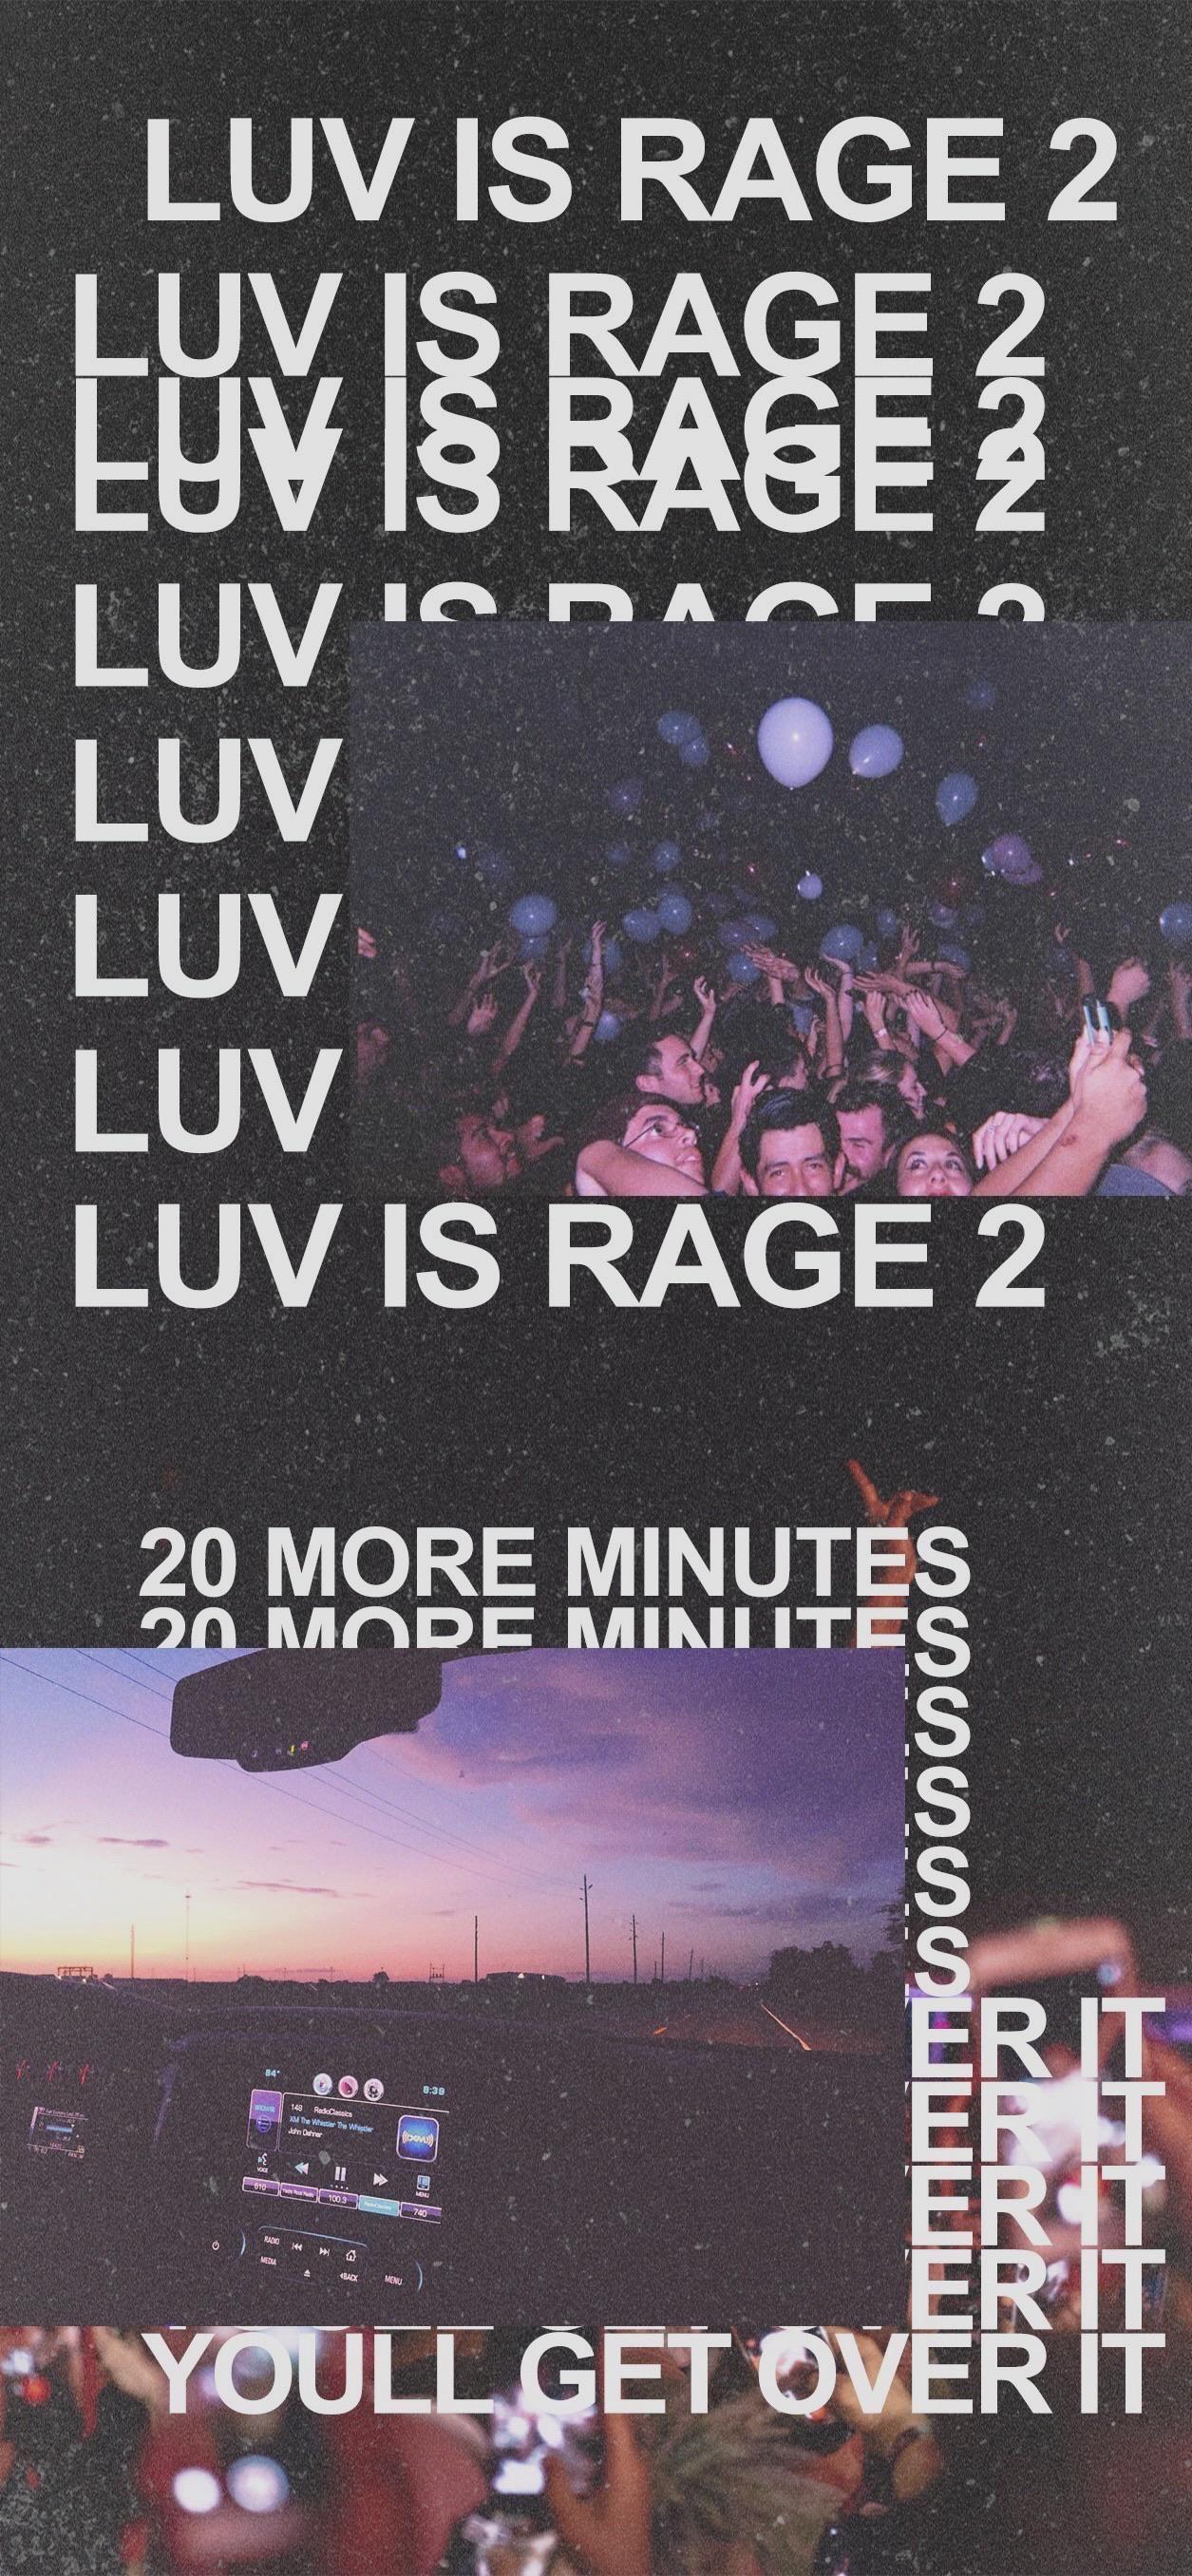 Luv Is Rage 2 Wallpaper Luv Is Rage 2 Rap Wallpaper Hypebeast